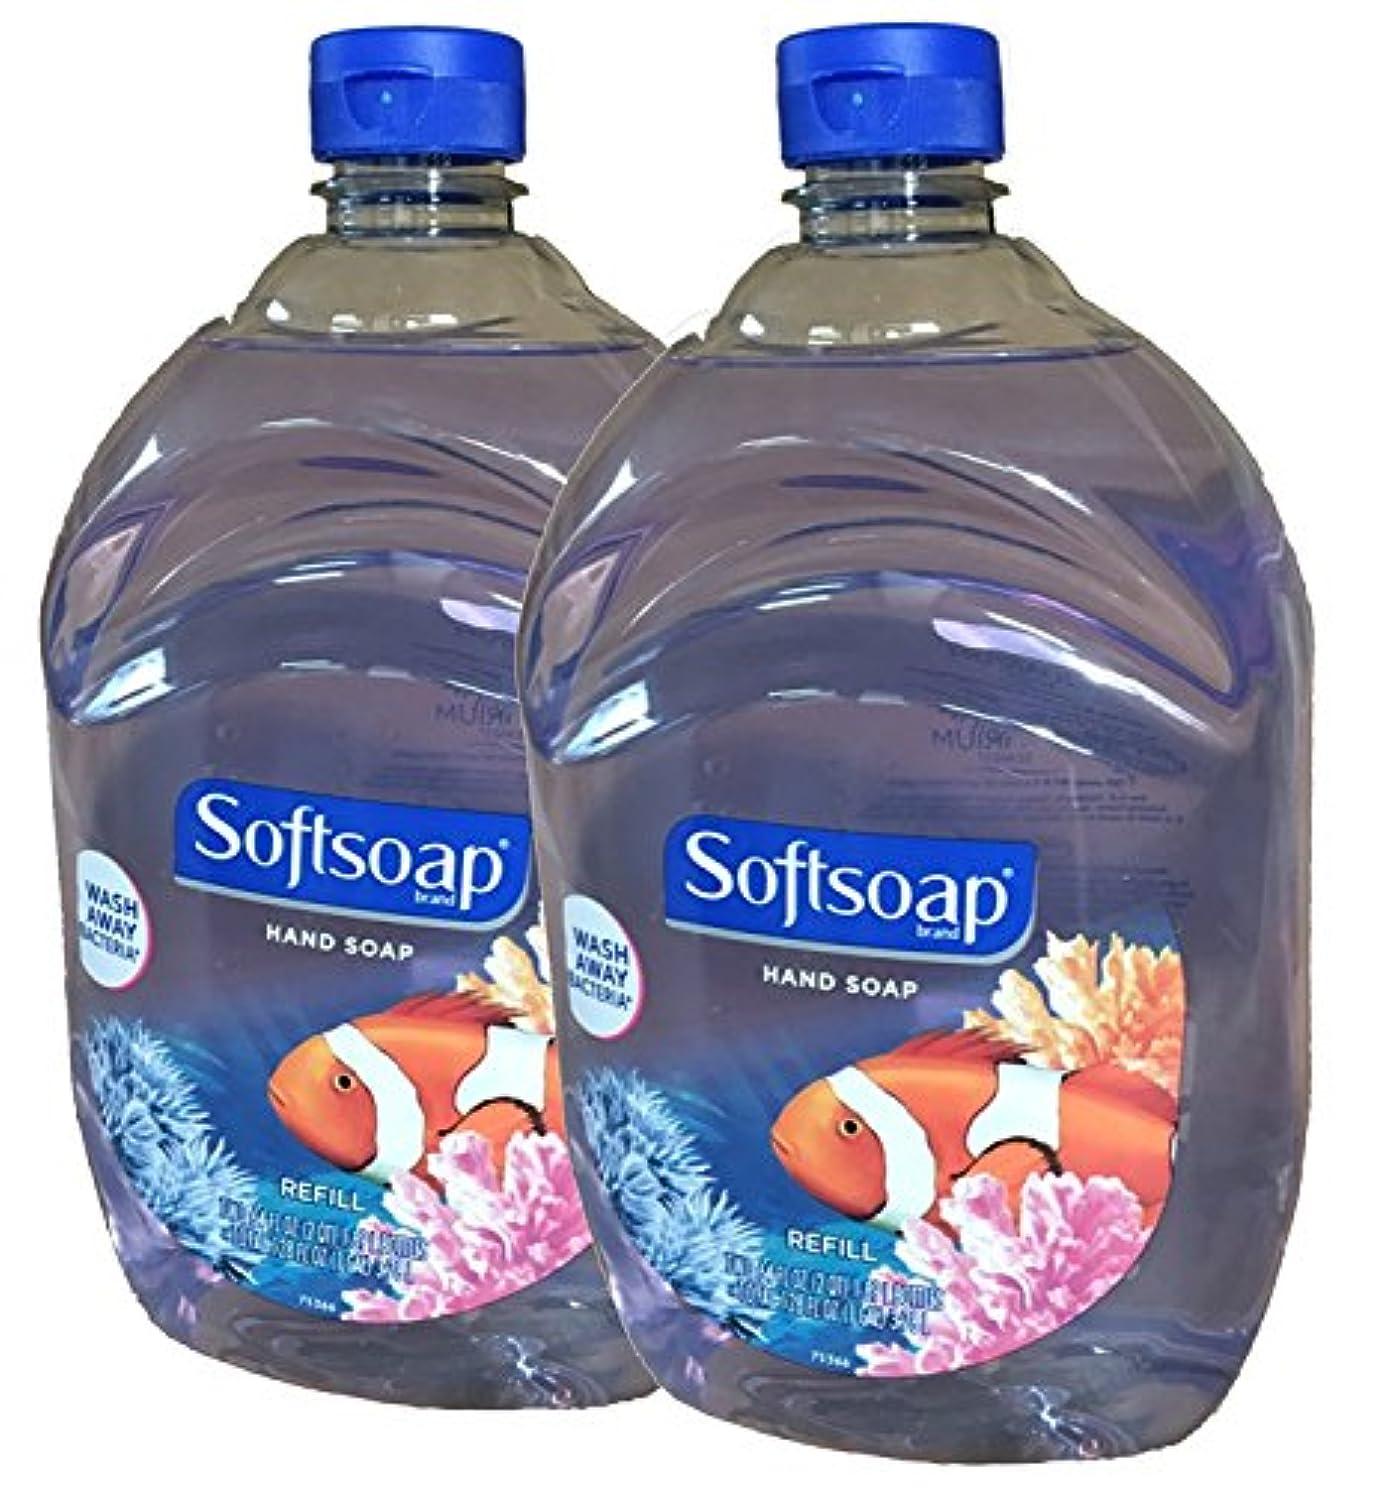 ファイター万歳ジレンマSoftsoap Liquid Hand Soap, Aquarium Series, 64-Ounce Refill Bottle (Pack of 2) by Softsoap